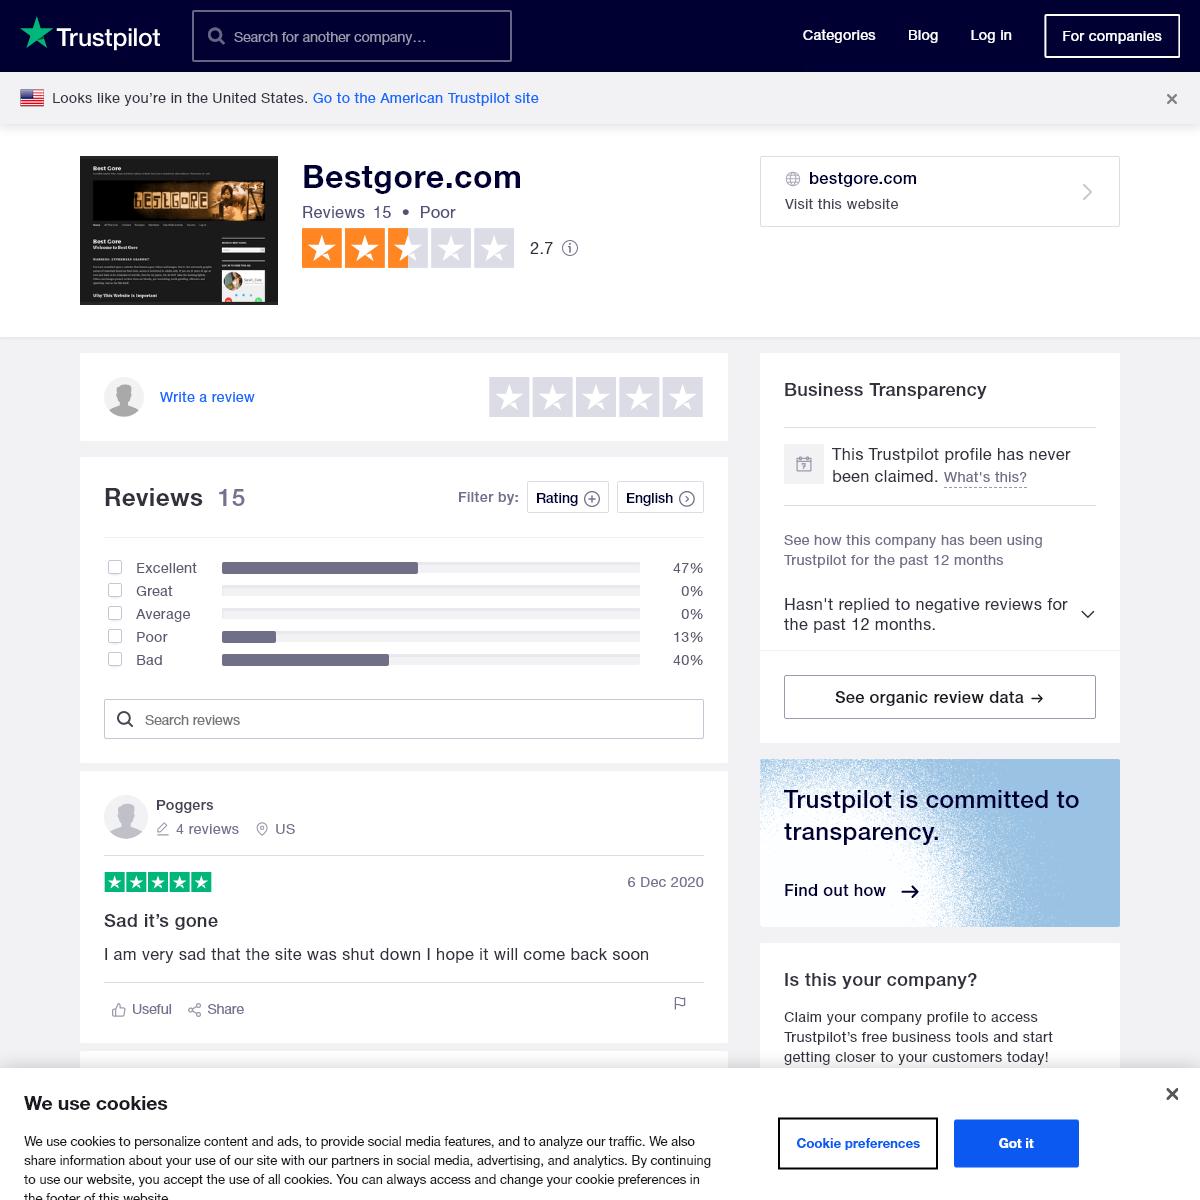 Bestgore.com Reviews - Read Customer Service Reviews of bestgore.com